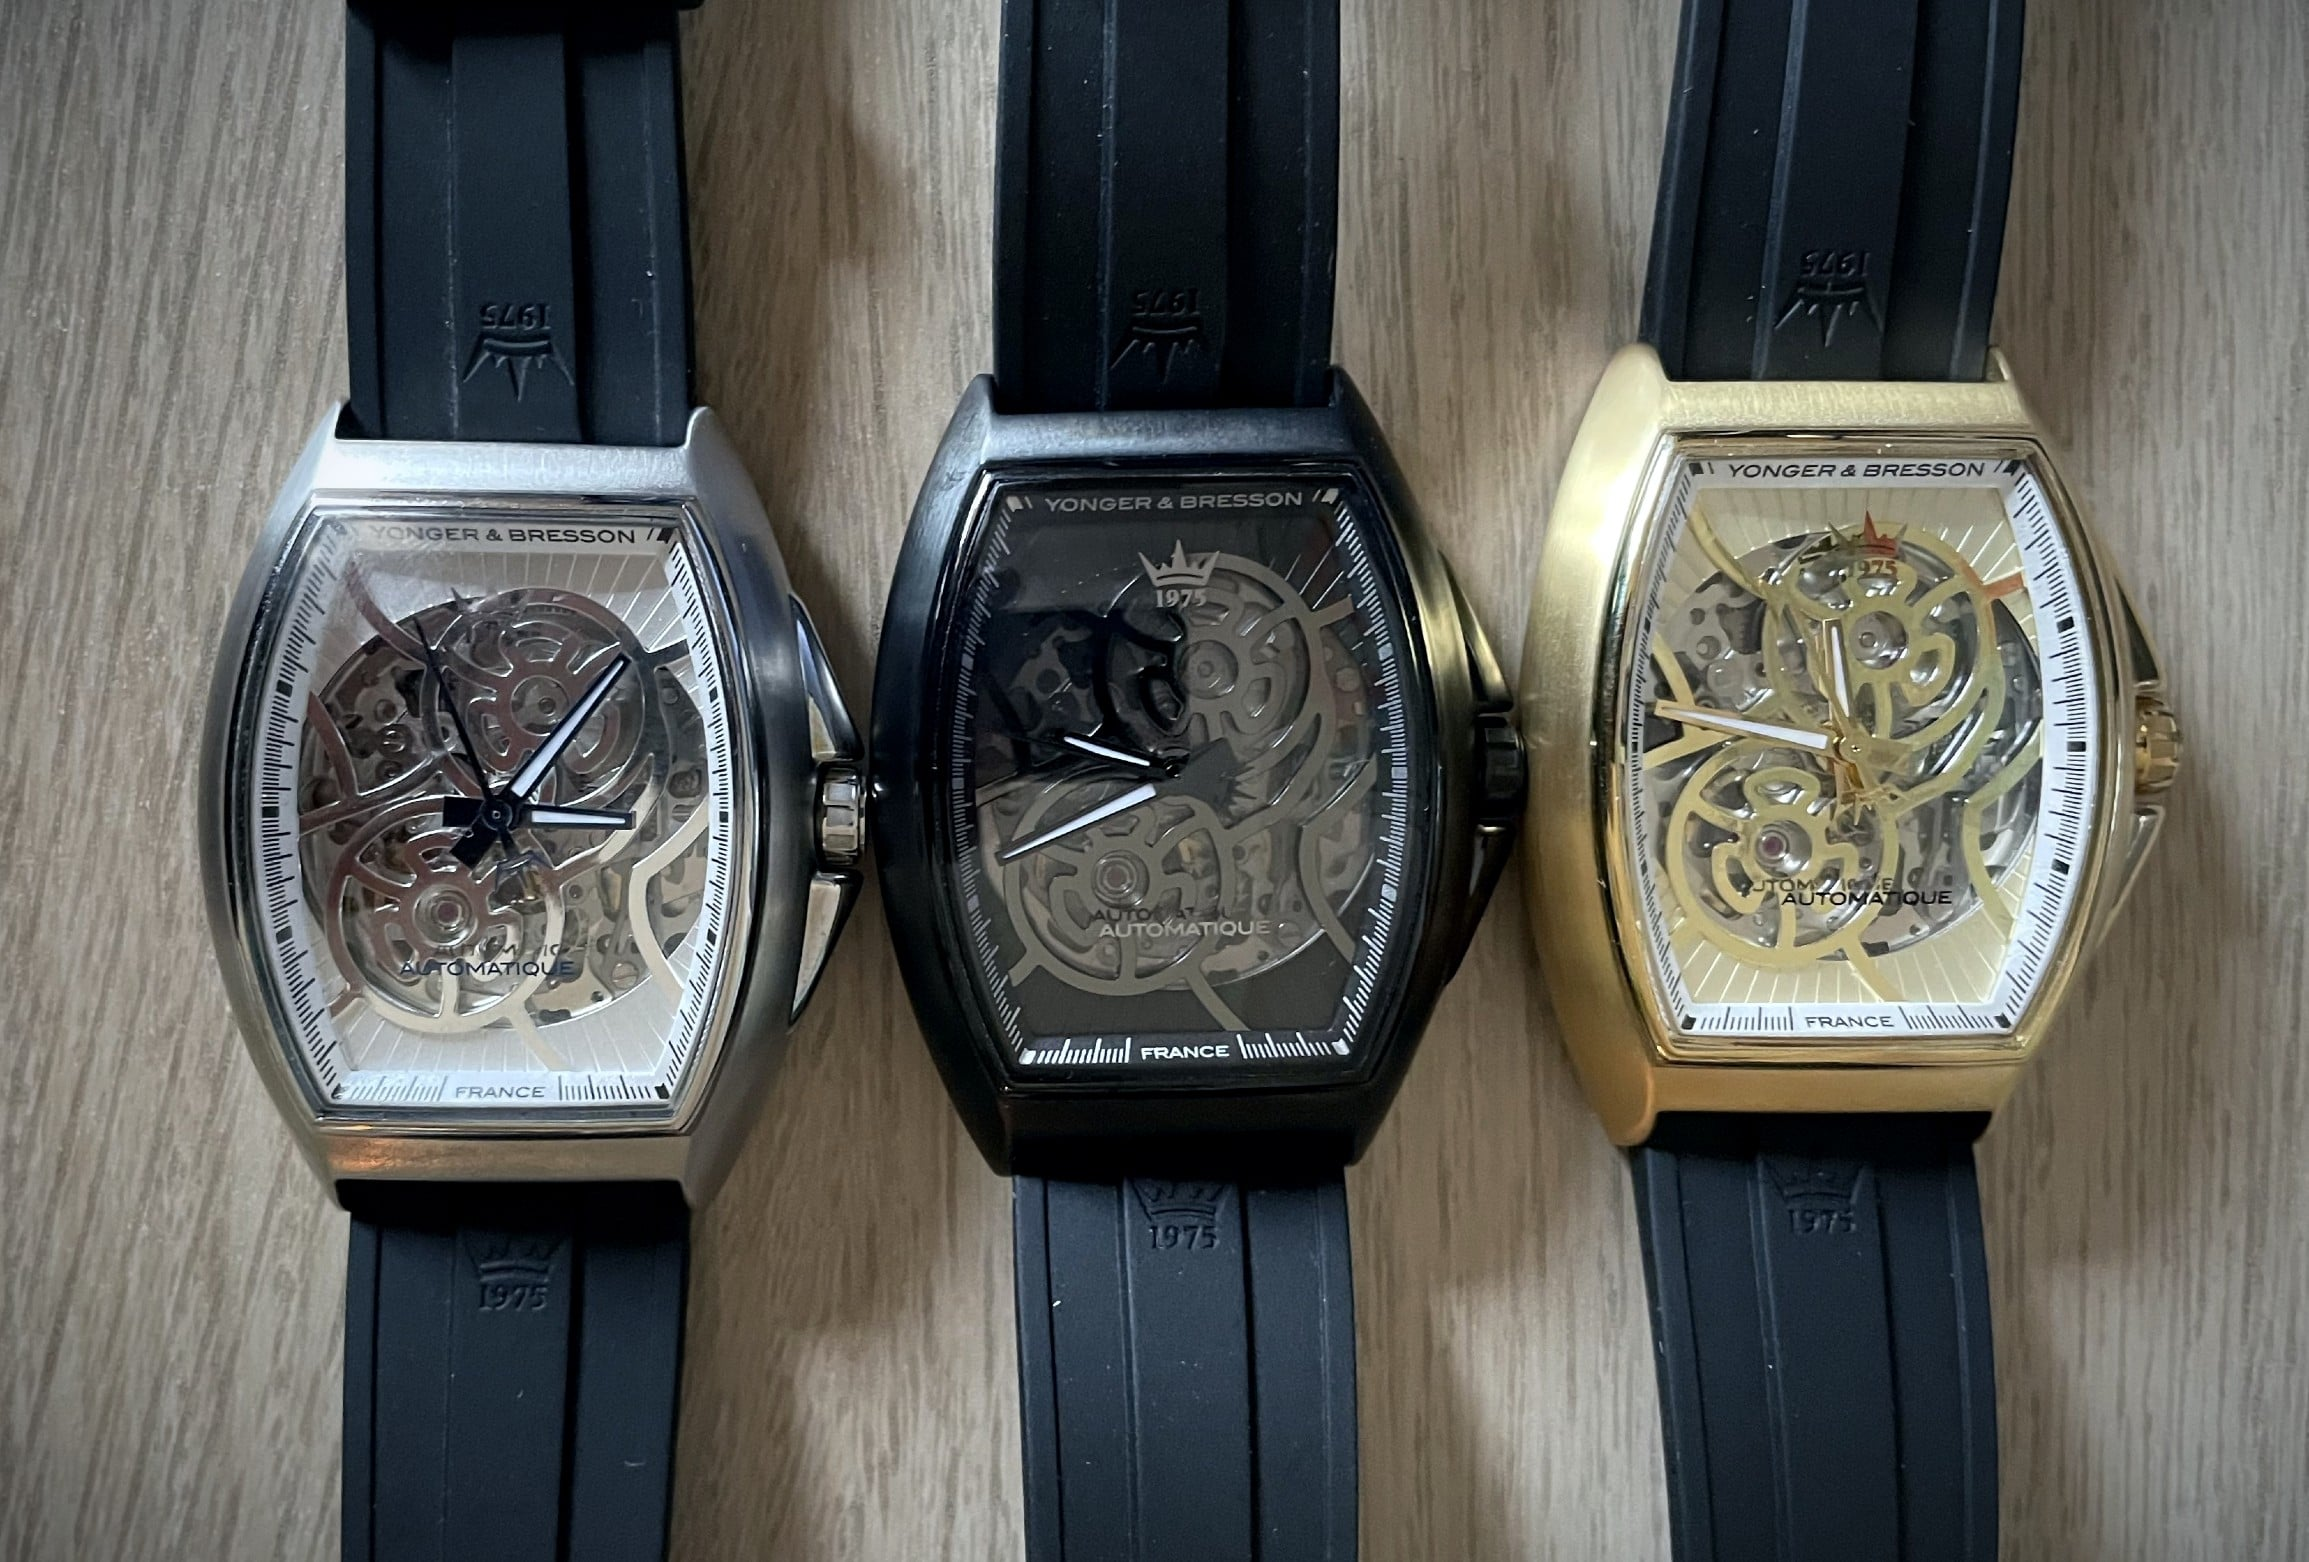 Trois nouvelles montres Yonger & Bresson Le Singulier